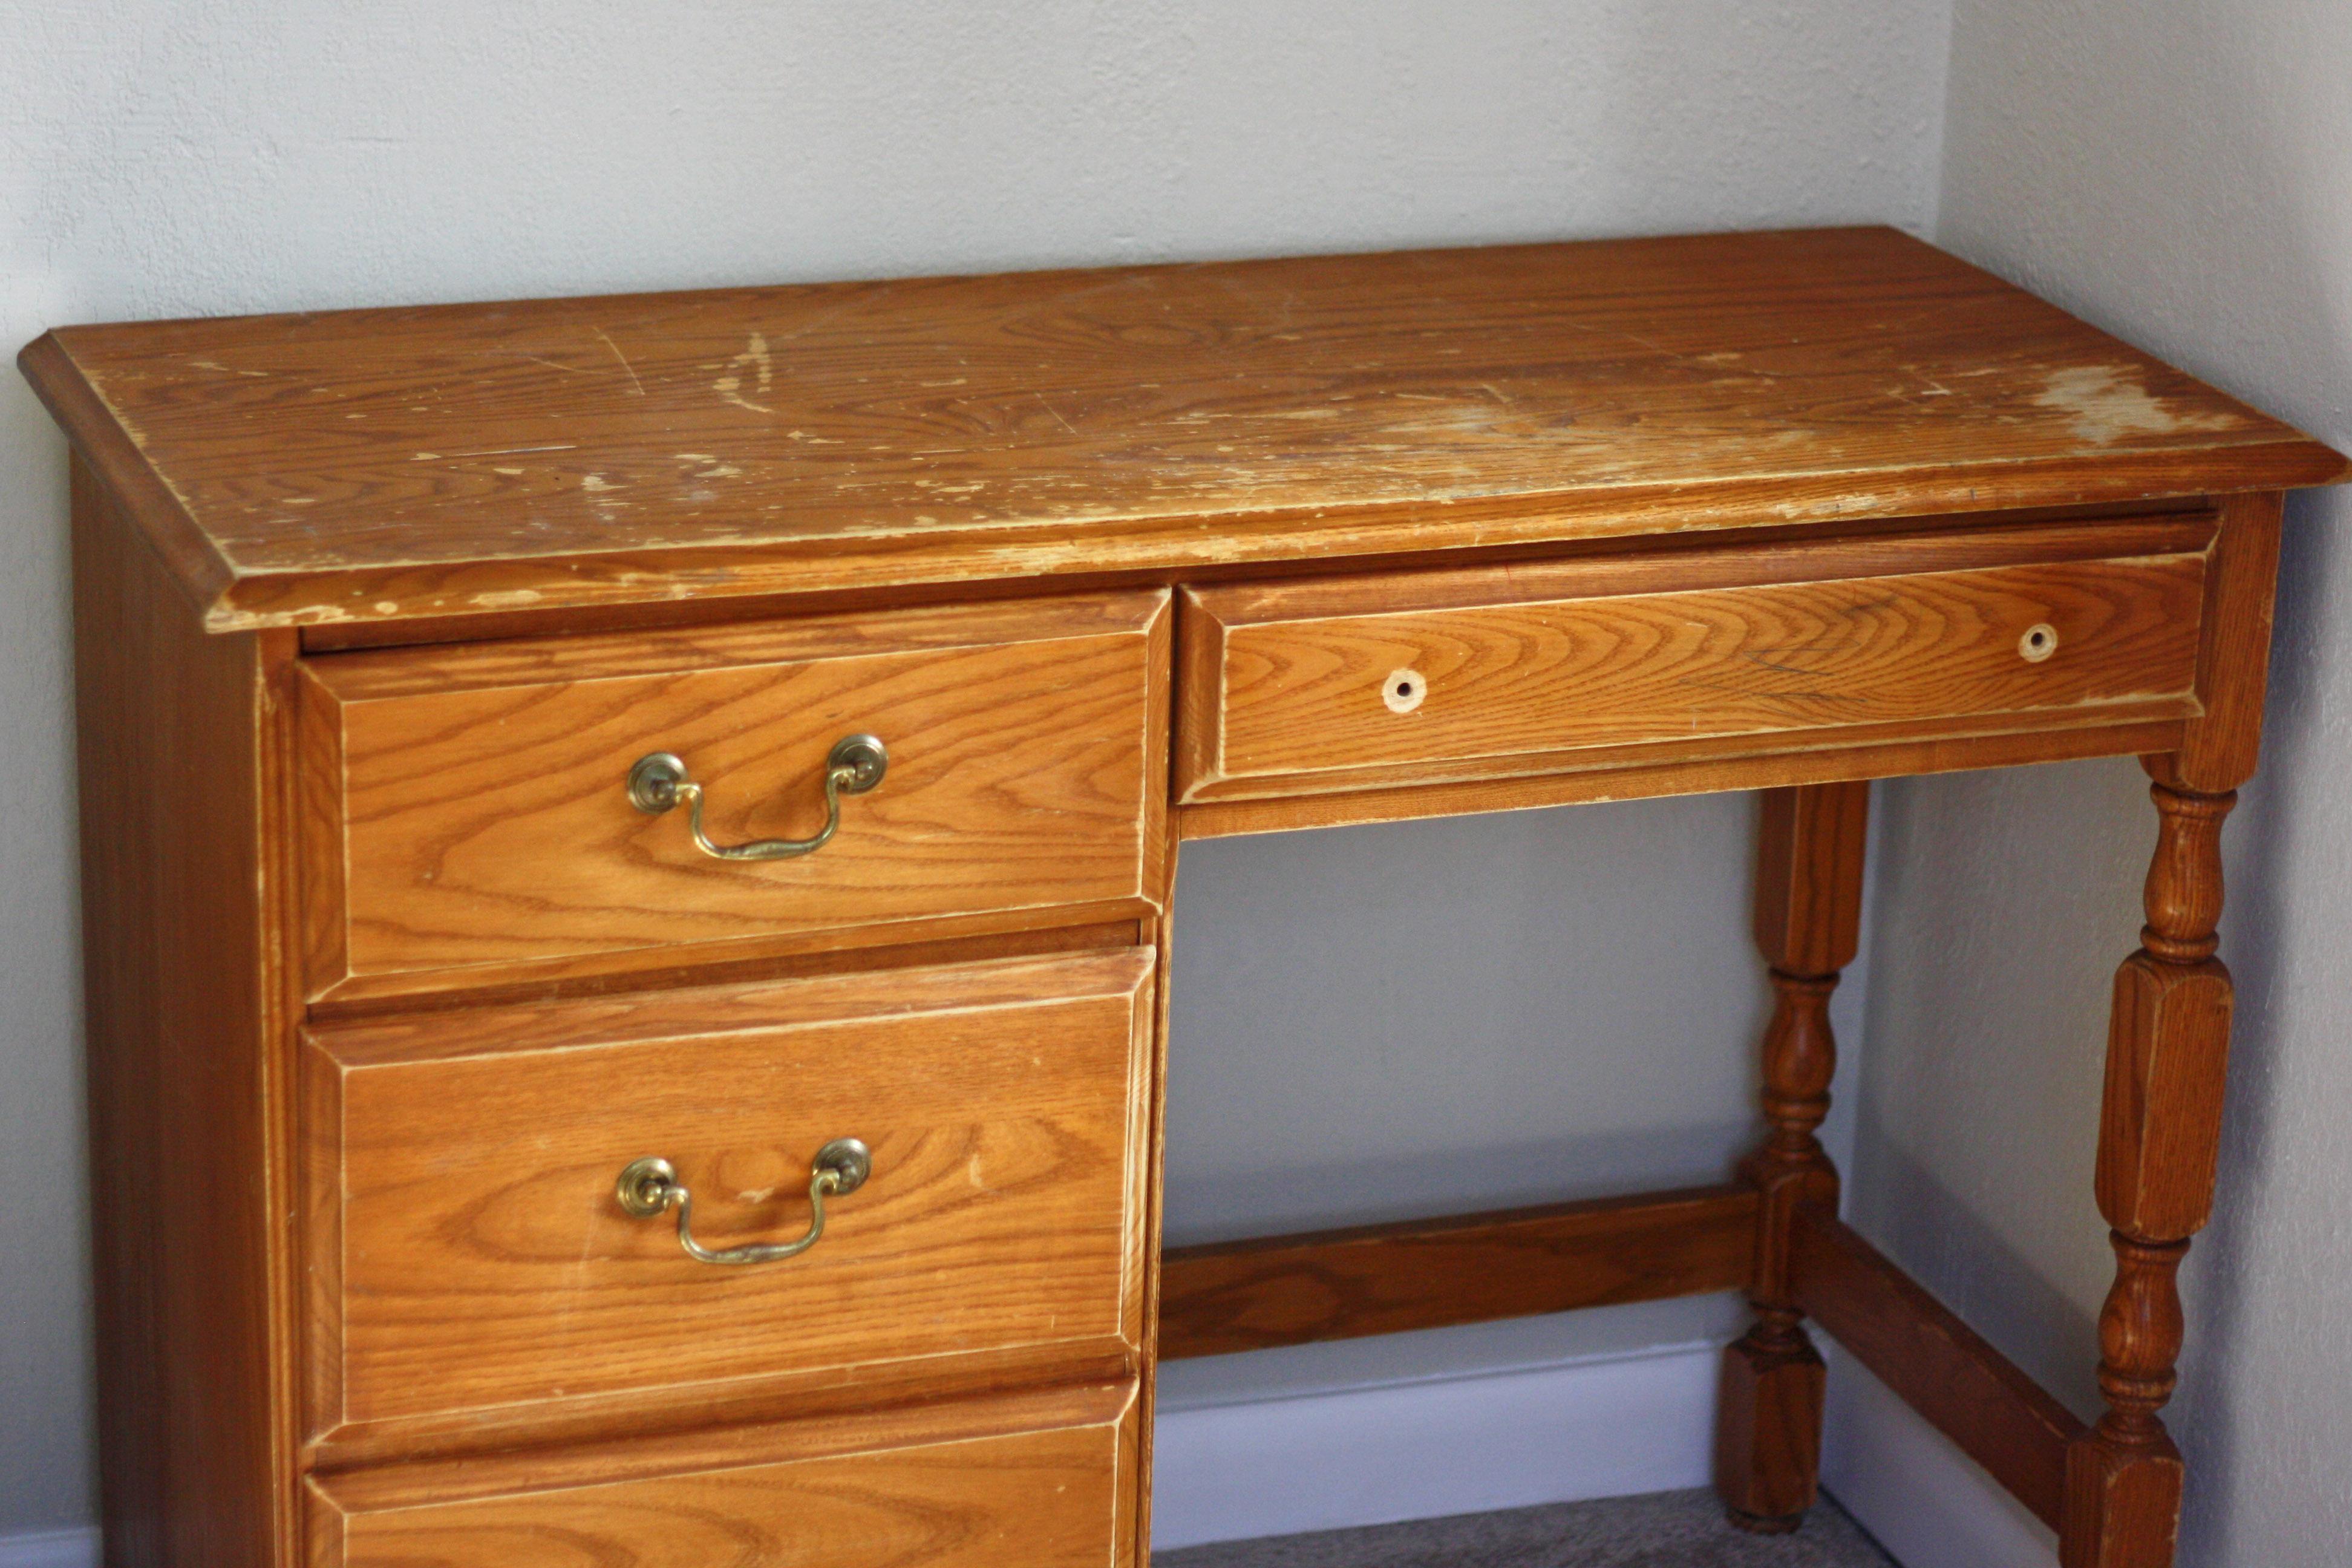 refurbishing furniture  Less Than Average Height